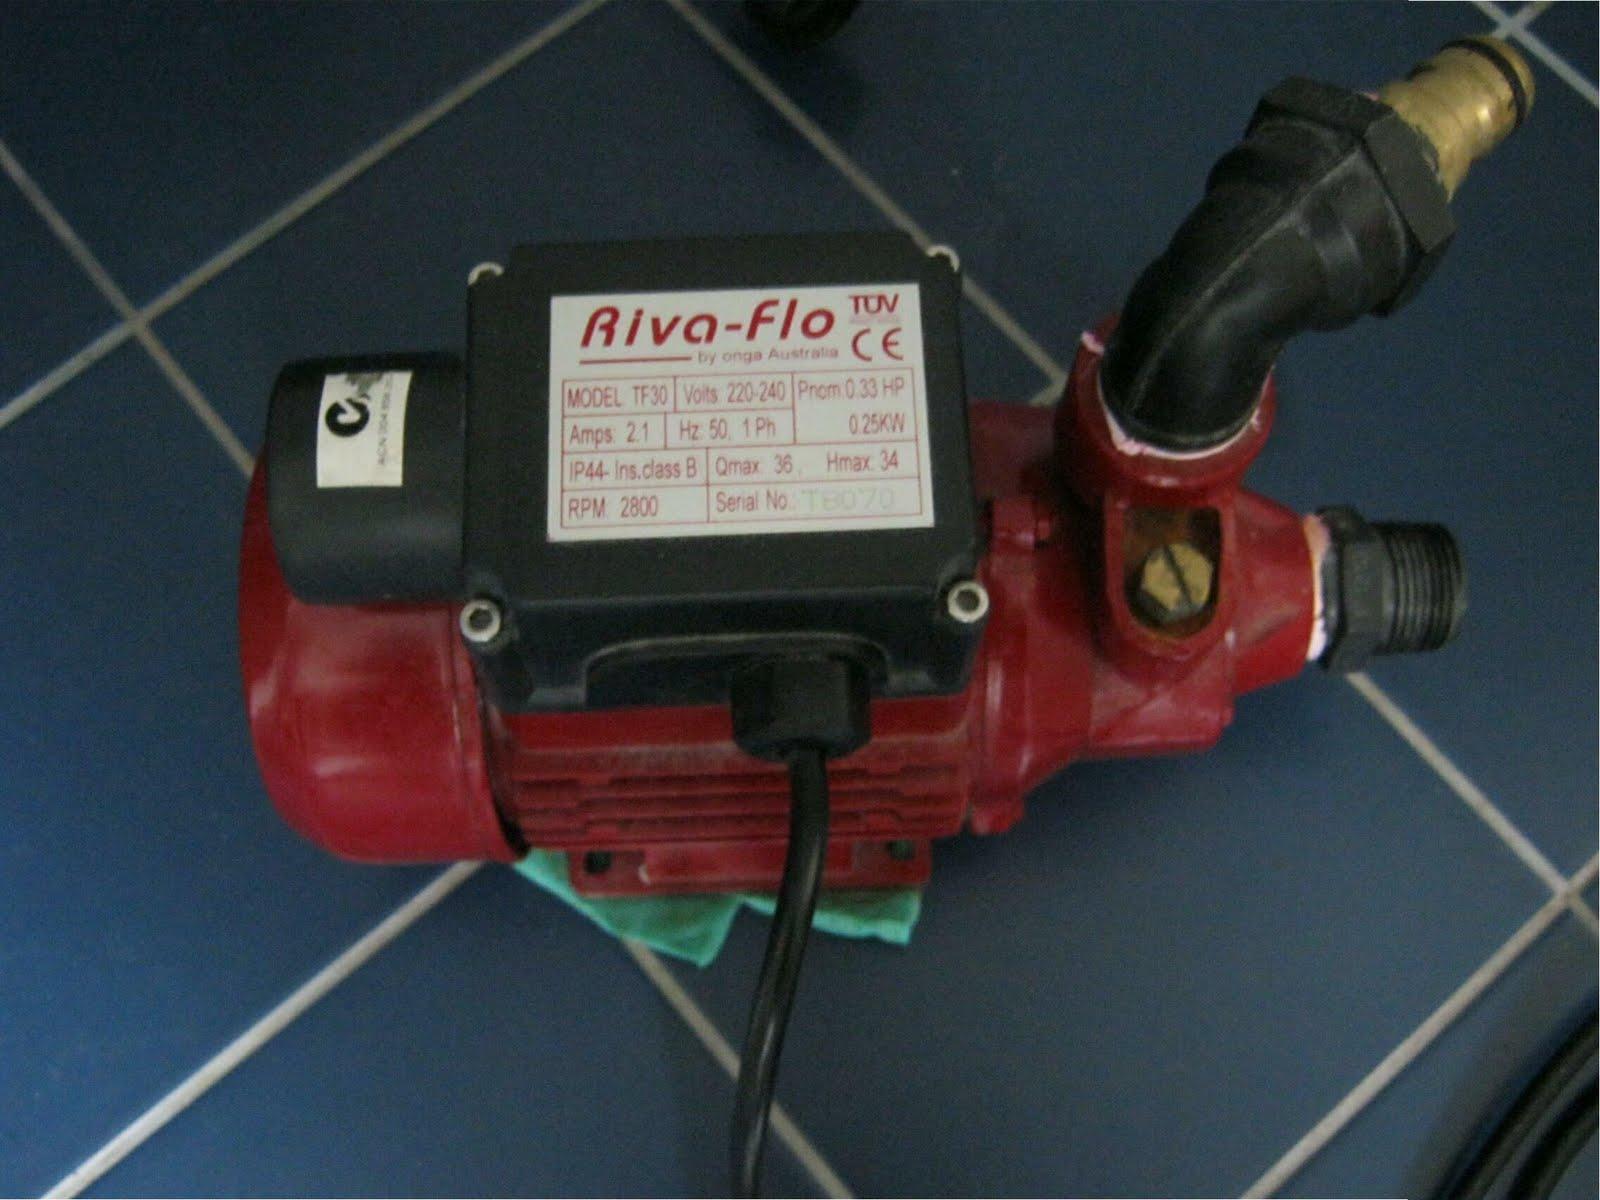 Riva flo tf30 parts